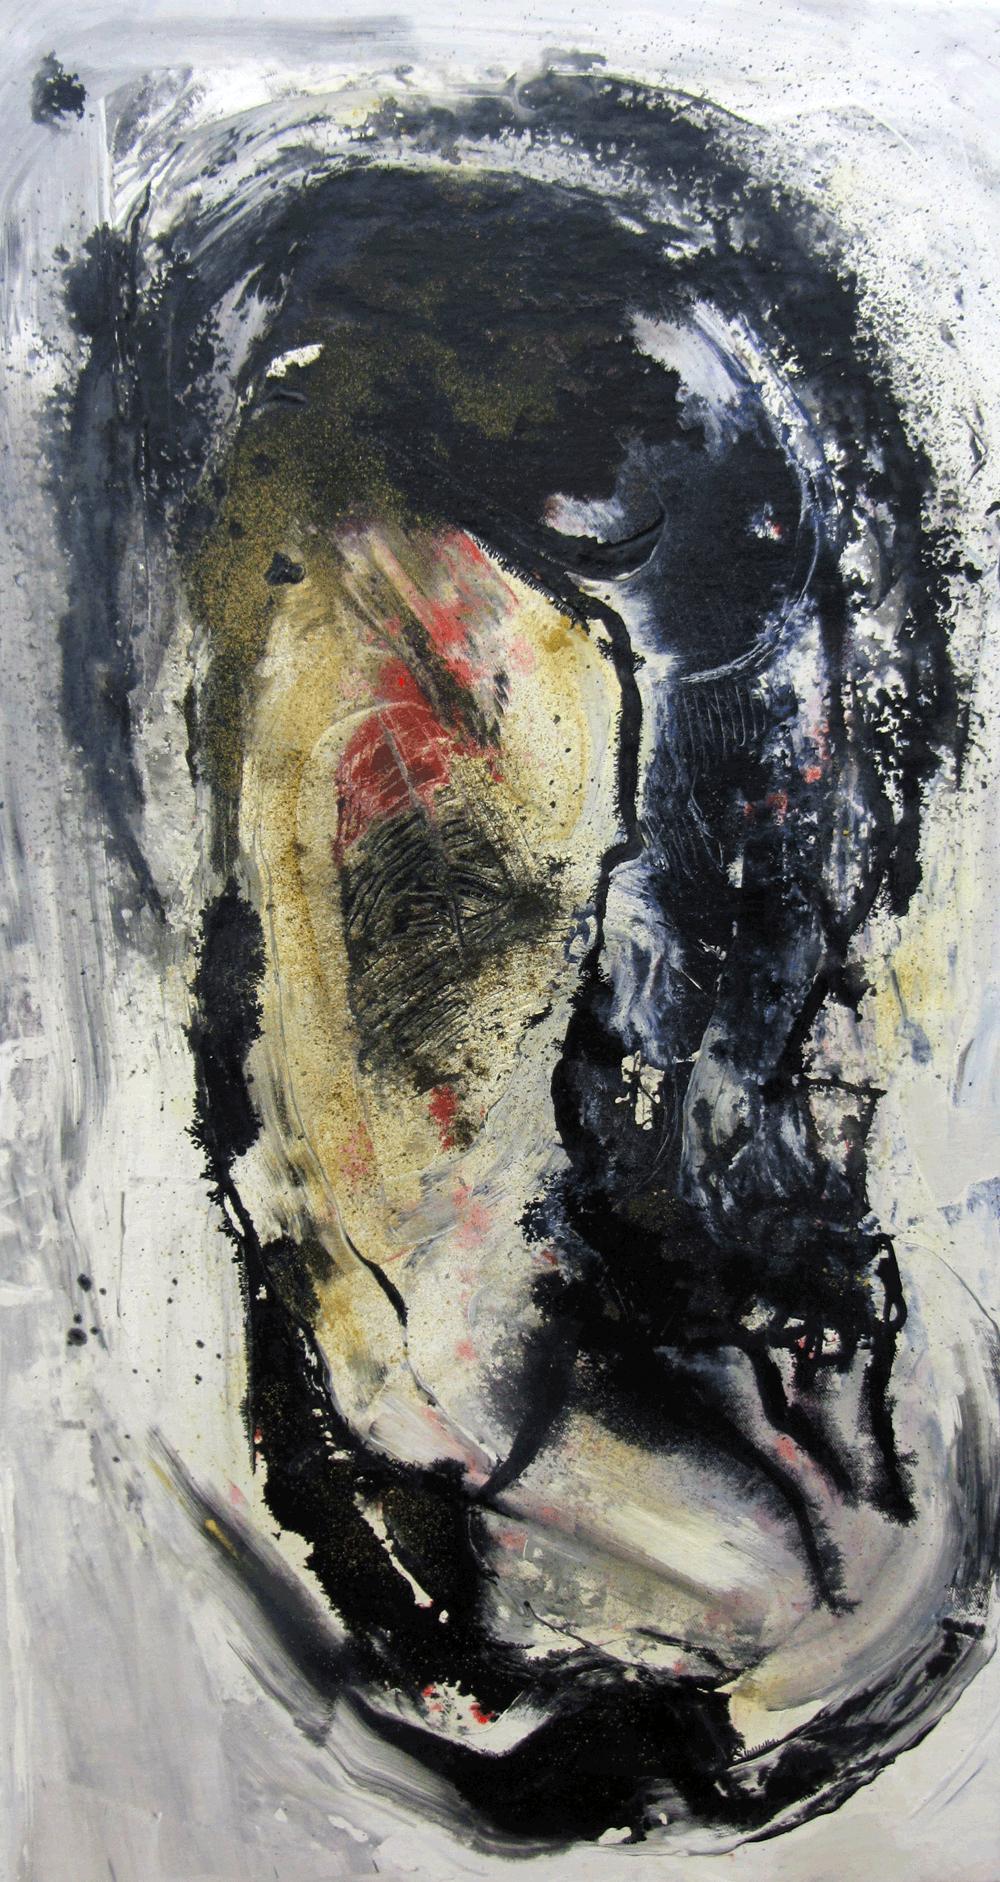 Physis-2-Nr 1, Tusche und Pigment – © VG Bild-Kunst, S. Thatje-Körber